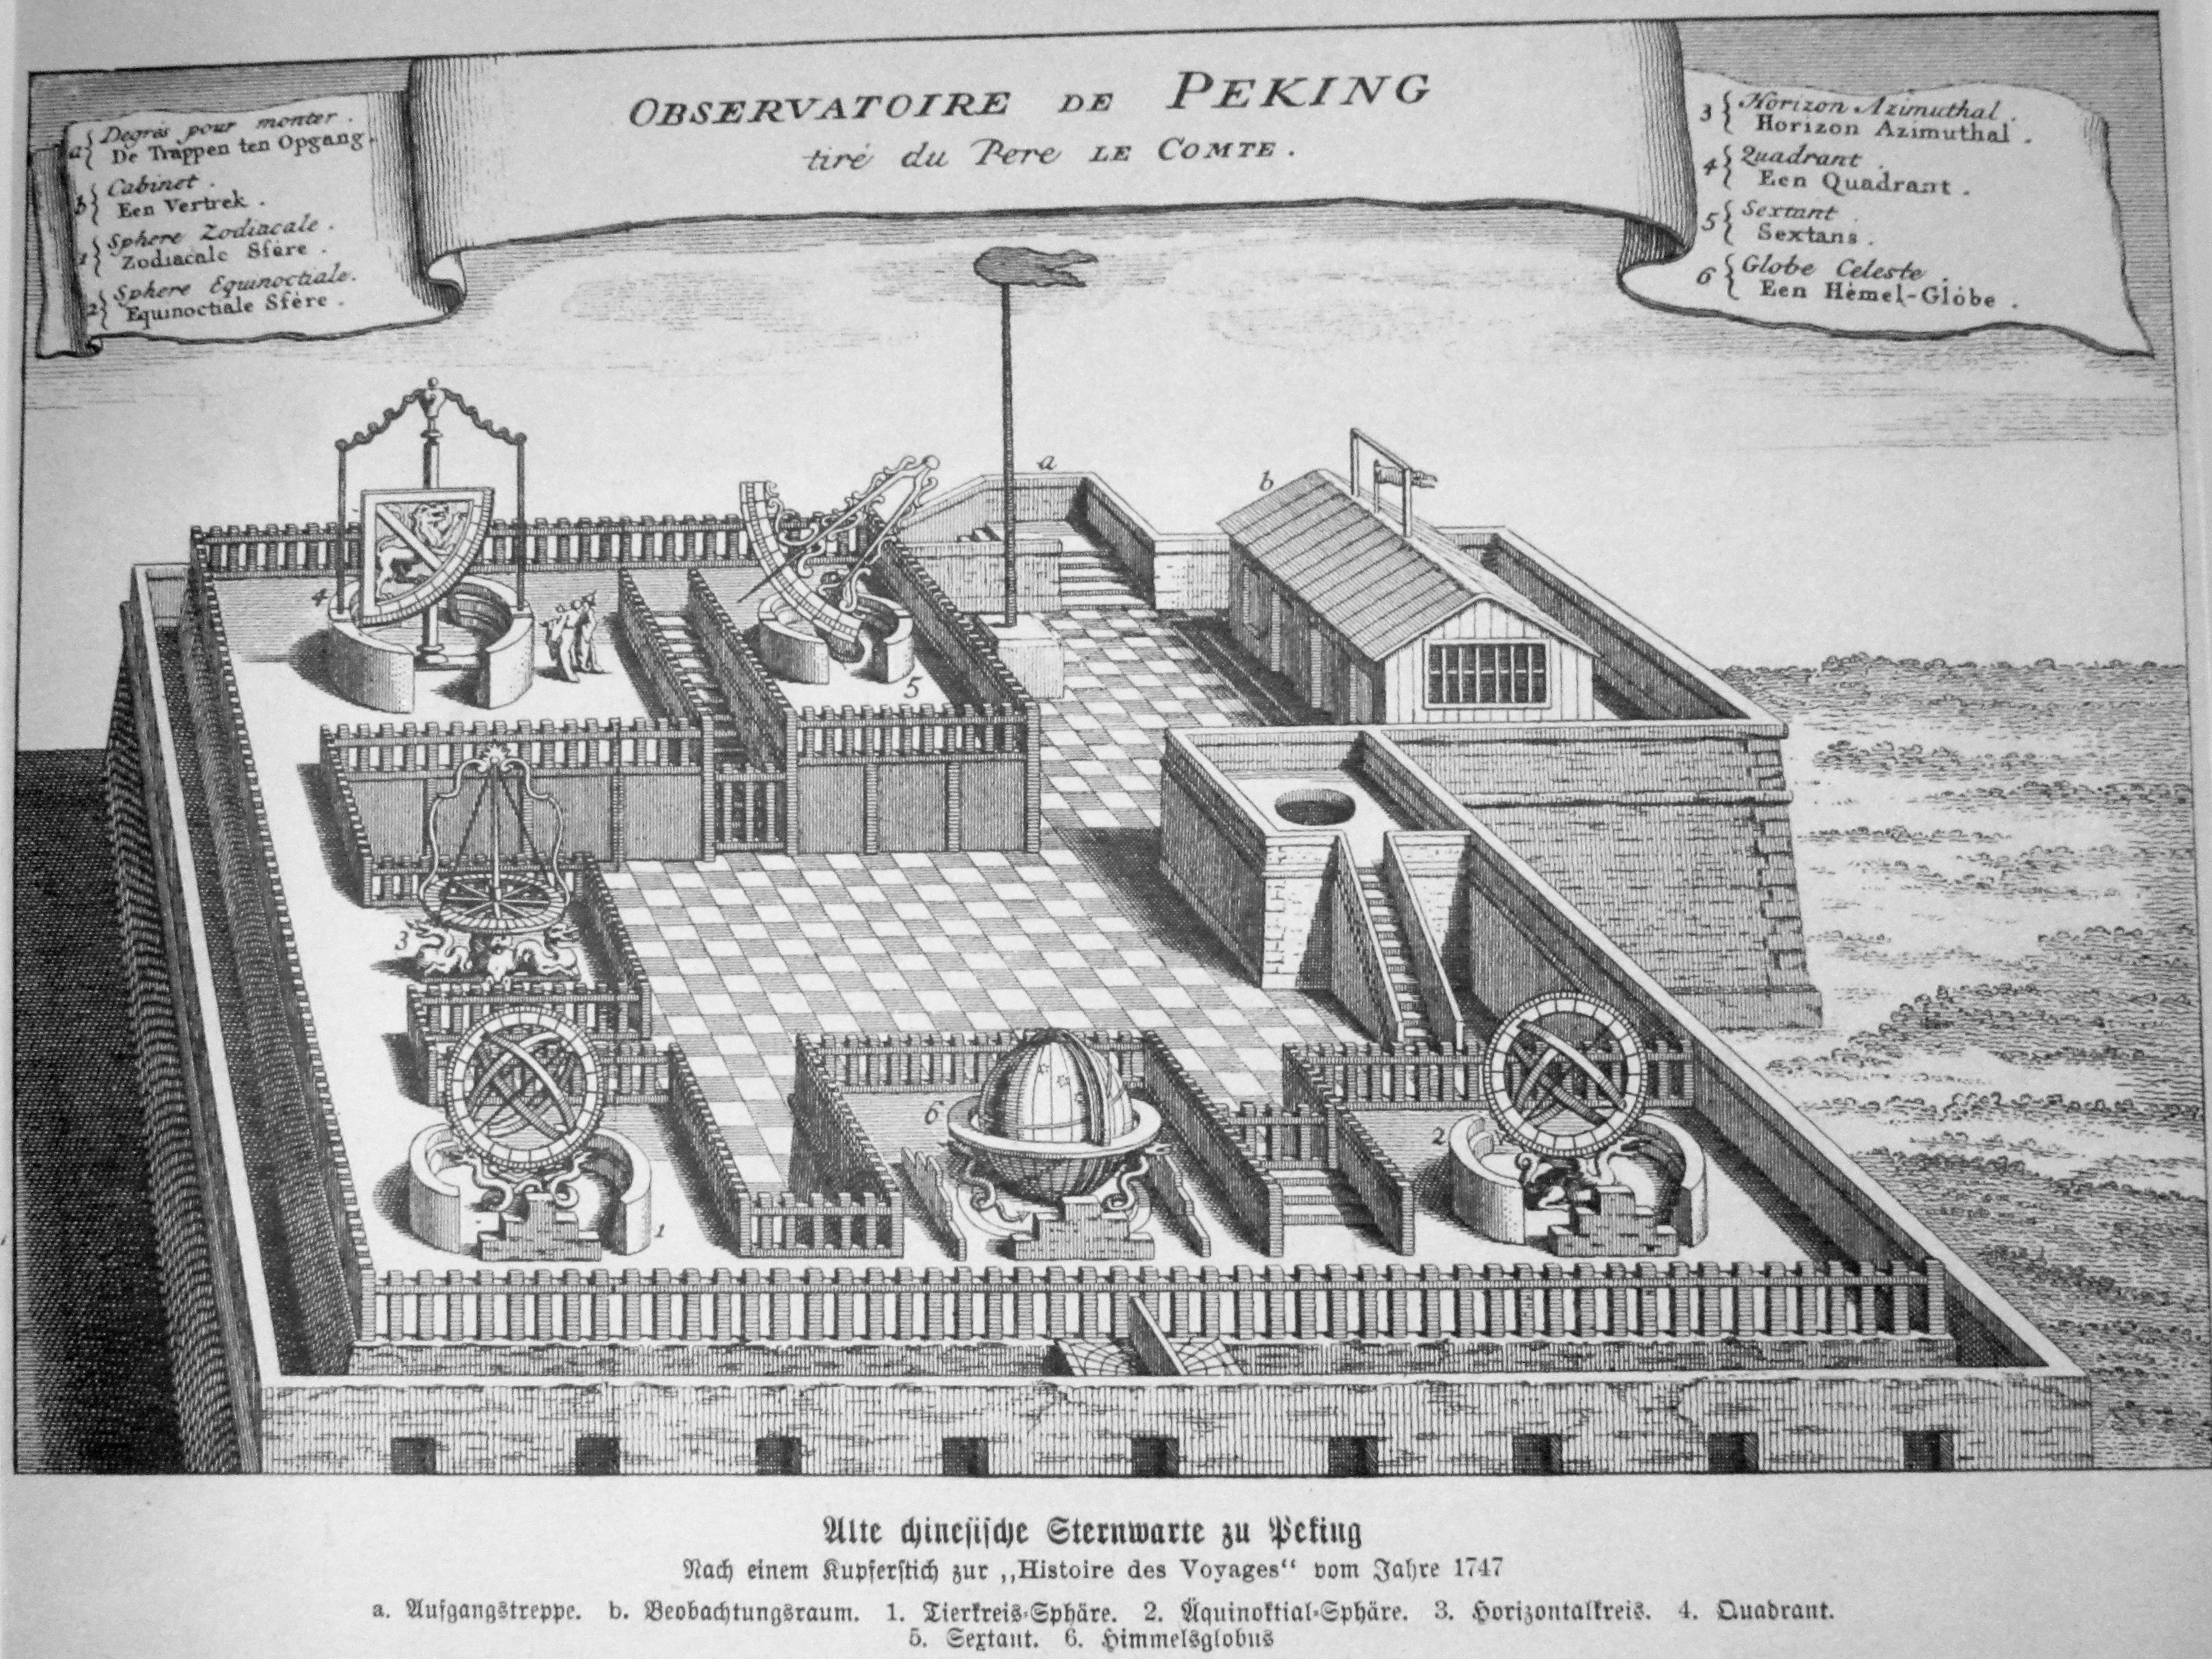 رصدخانه باستانی پکن